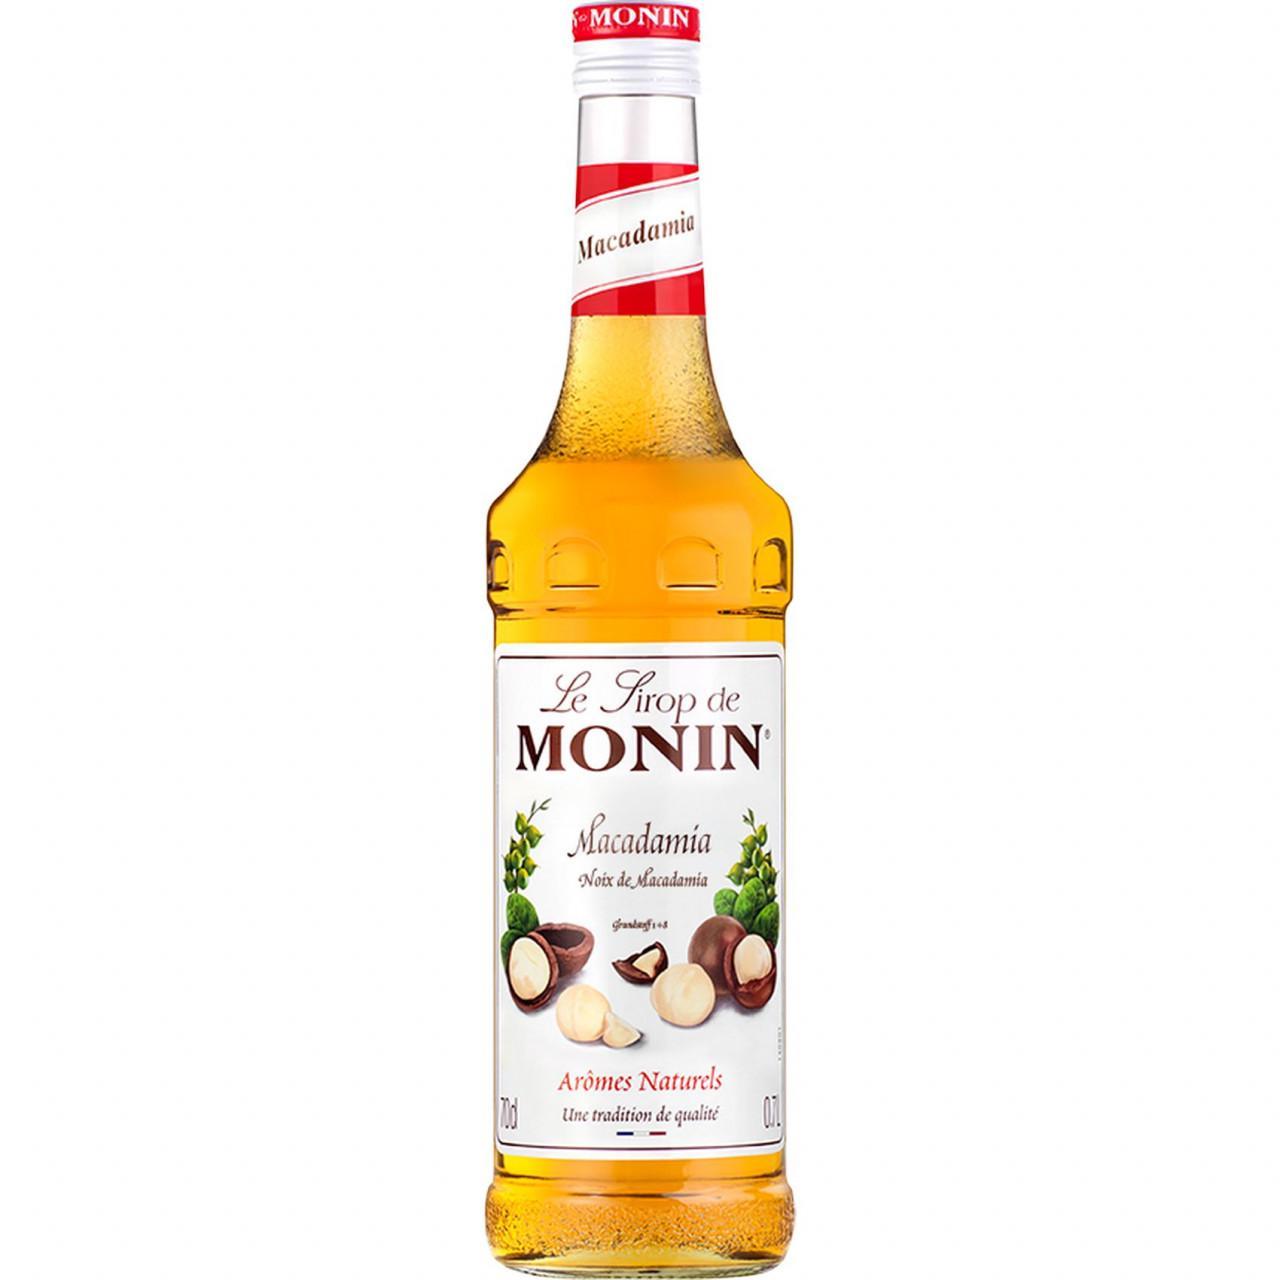 Monin Macadamia Nuss Sirup 1x 0,7l